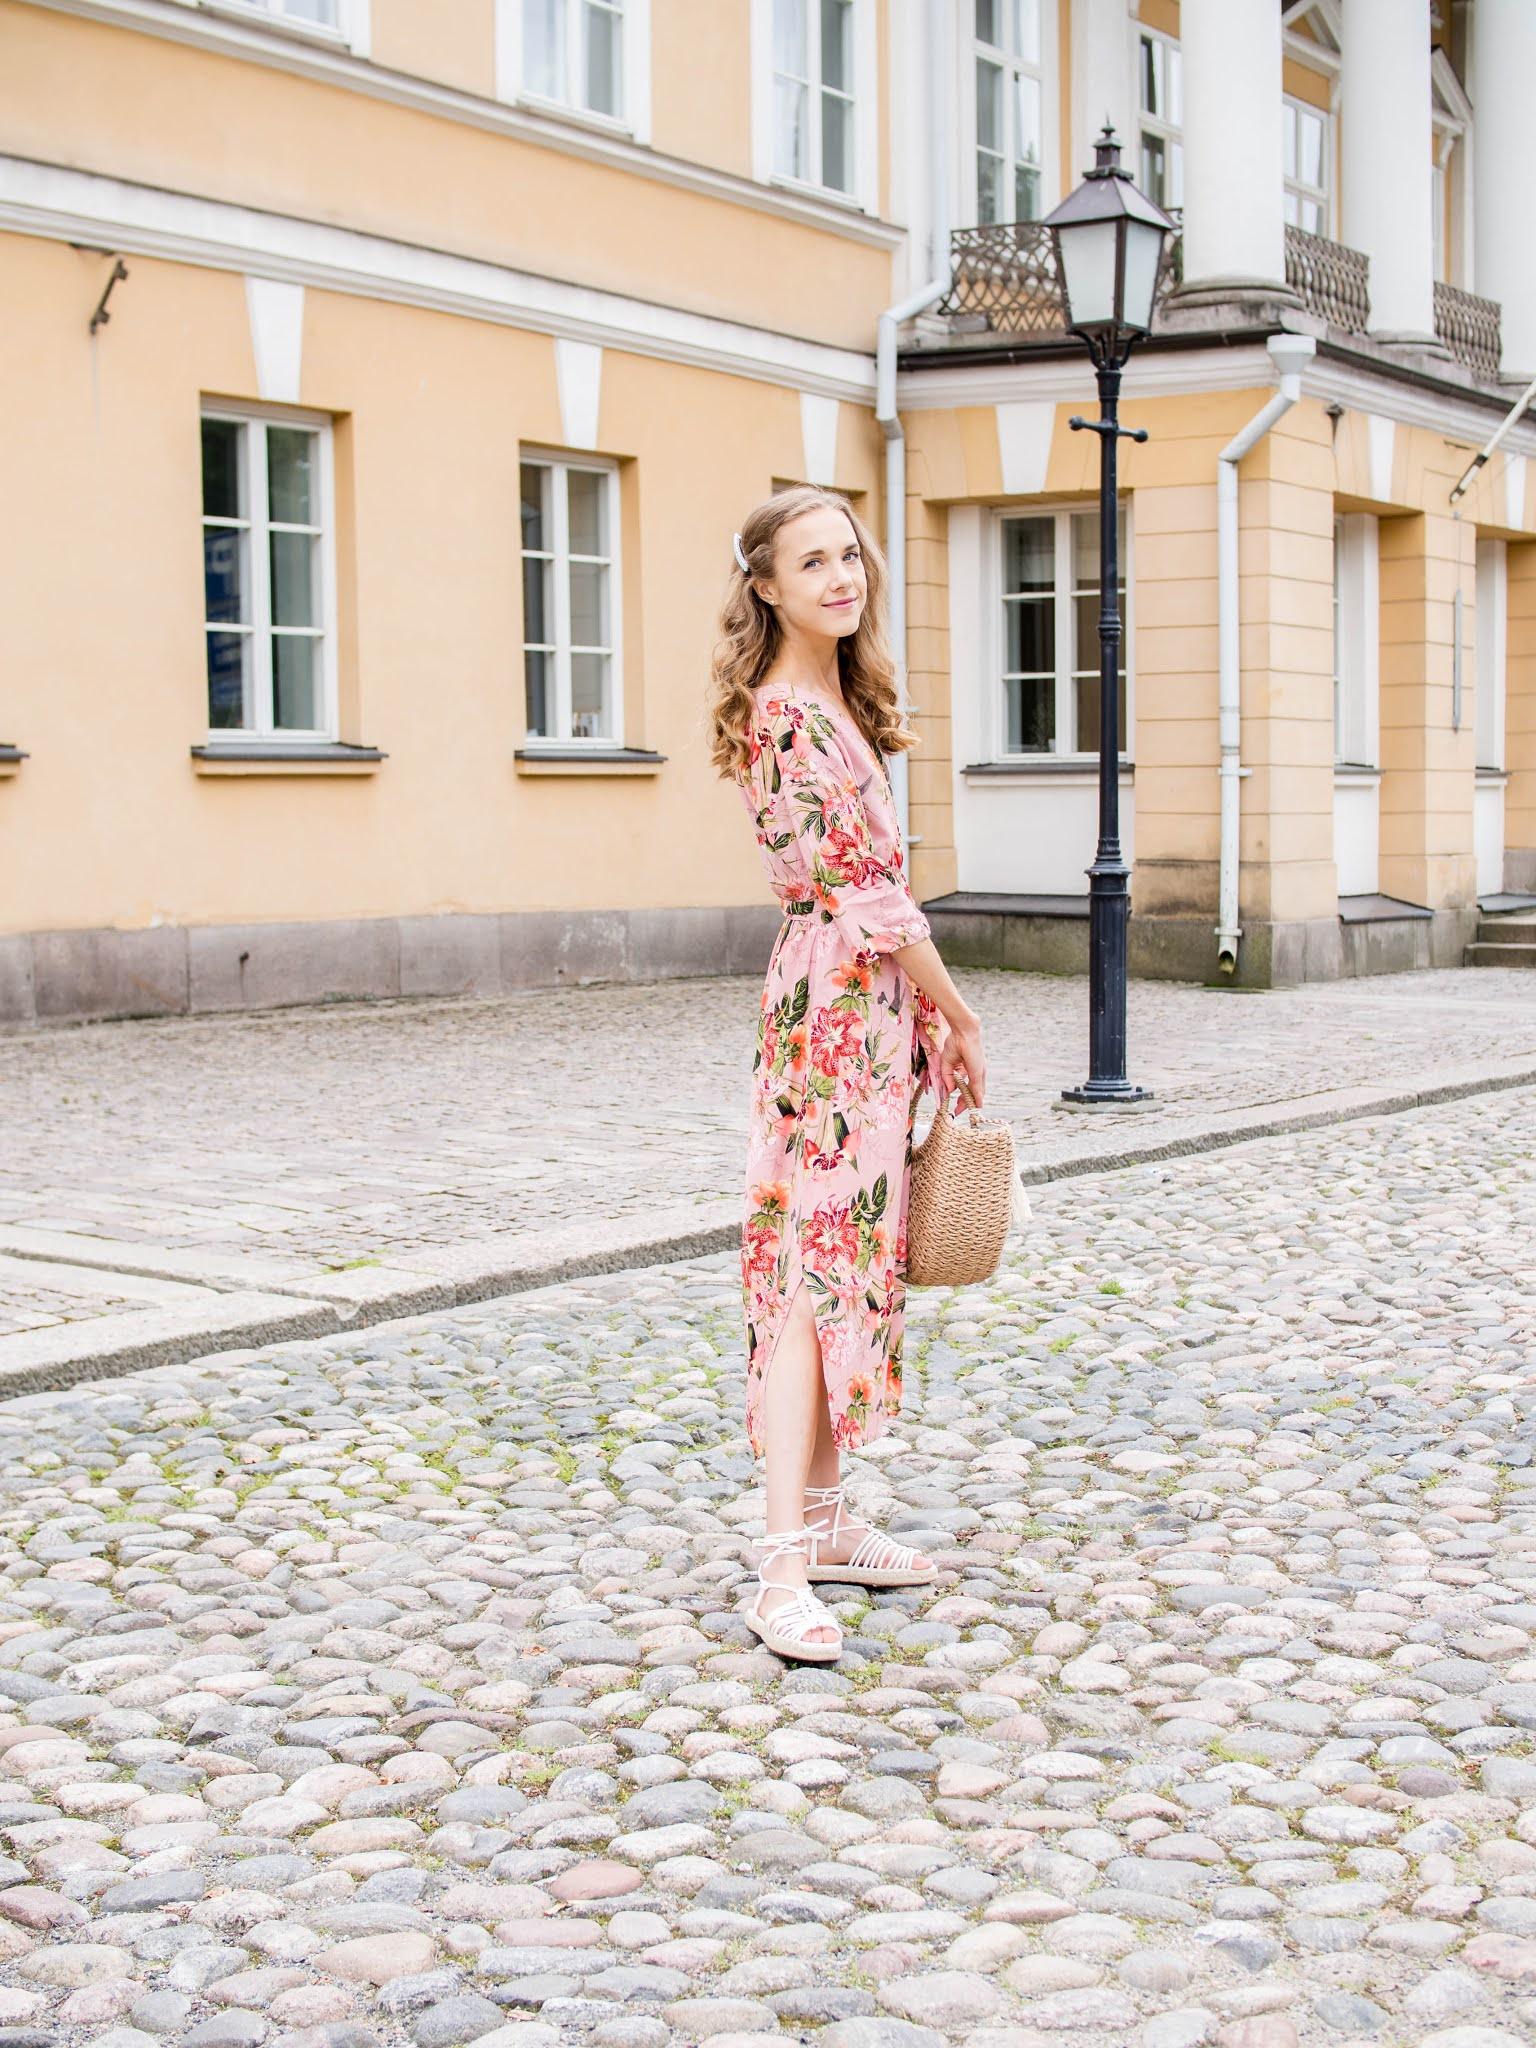 Summer outfit inspiration, pink floral dress, fashion blogger - Kesämuoti, bloggaaja, asuinspiraatio, vaaleanpunainen mekko